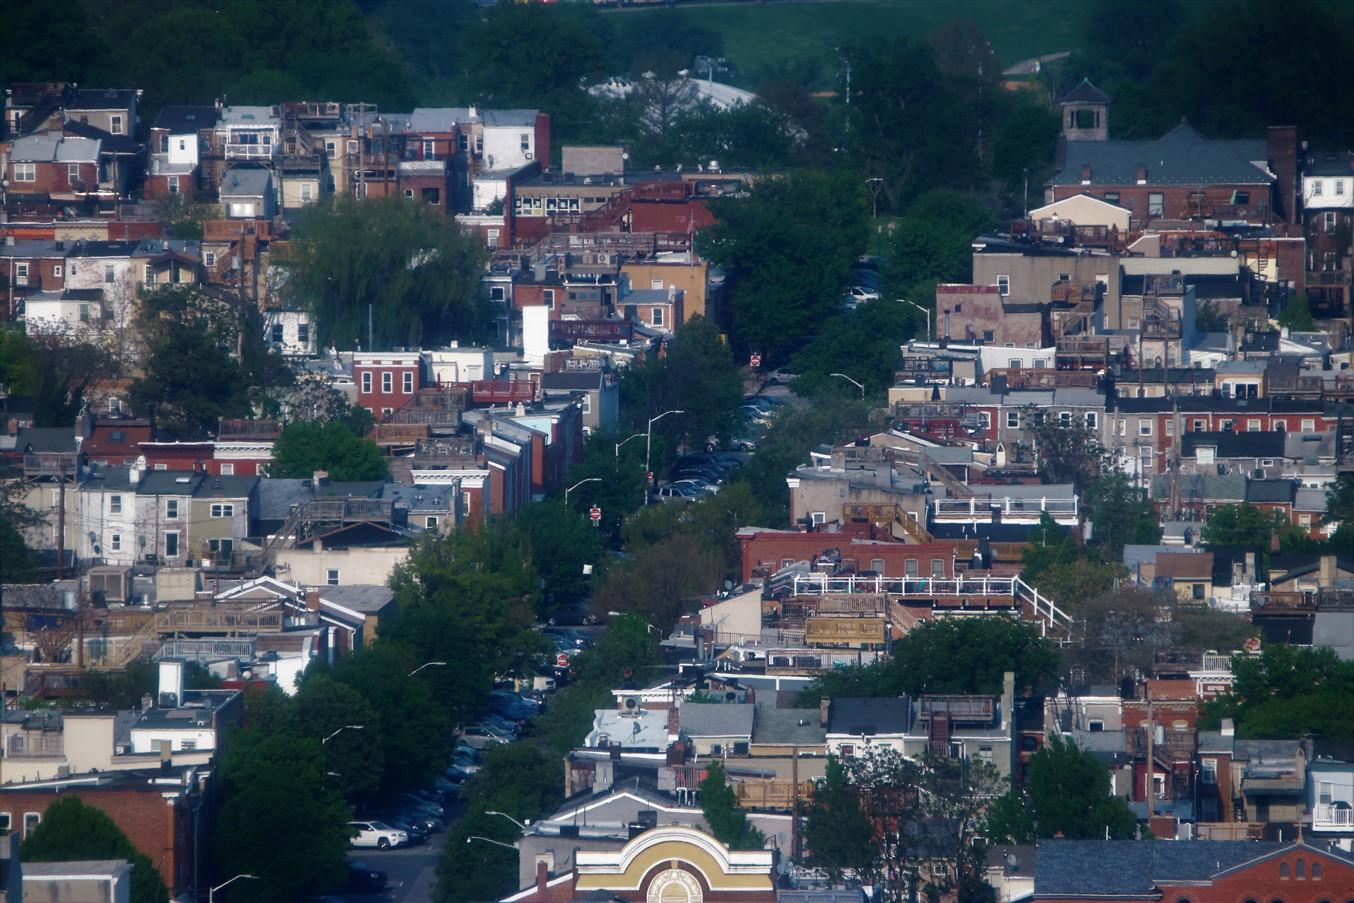 2018 05 04 157 Baltimore Observation Deck.jpg